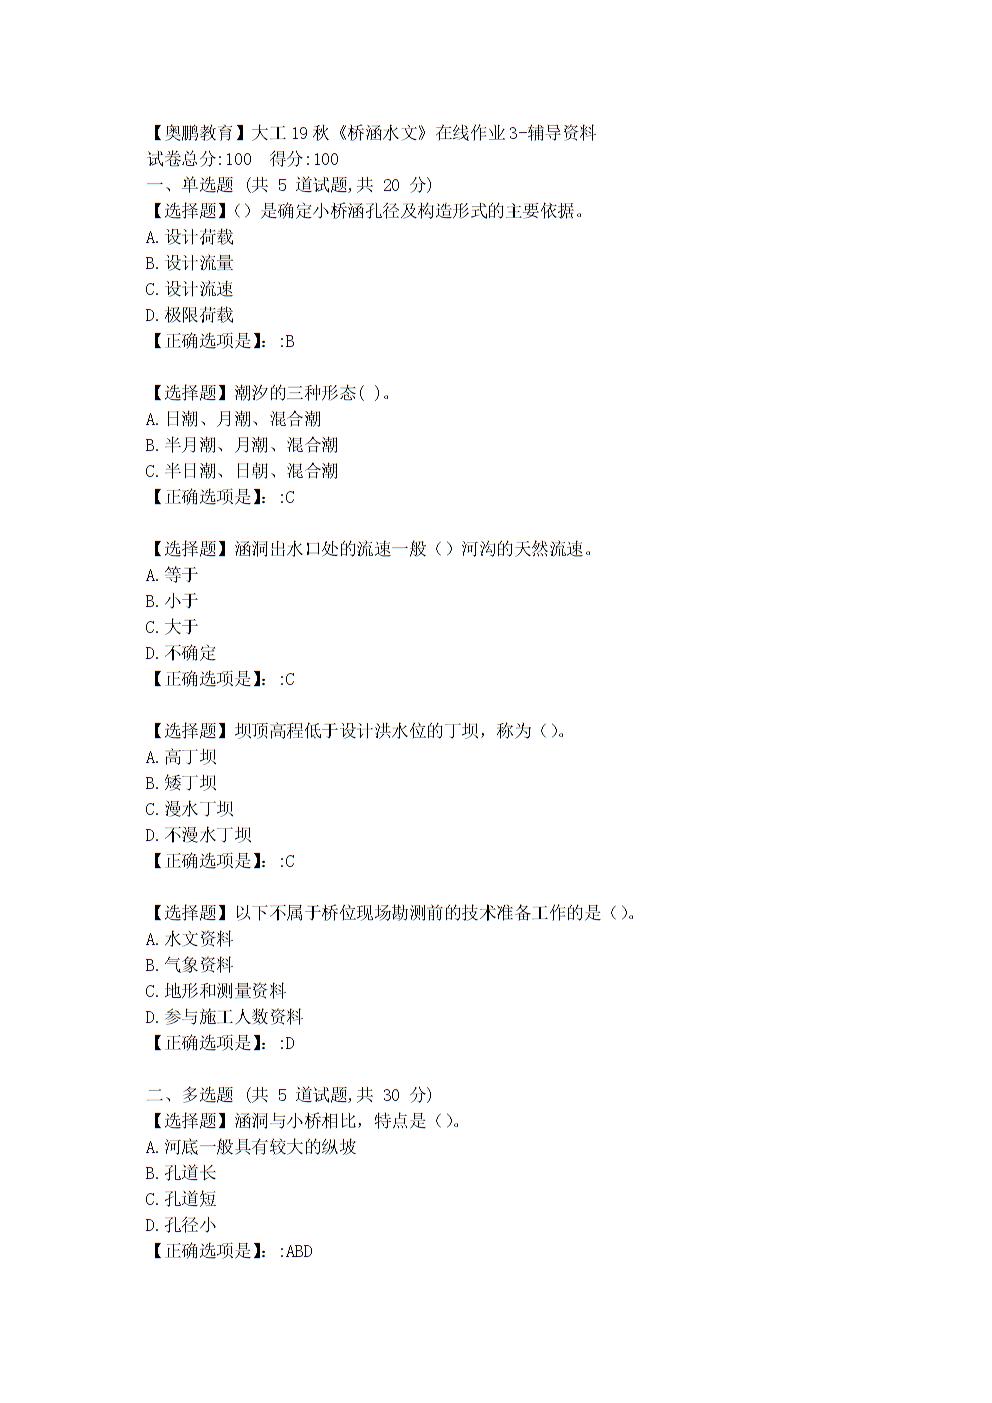 大连理工大学19秋《桥涵水文》在线作业3学习资料.doc